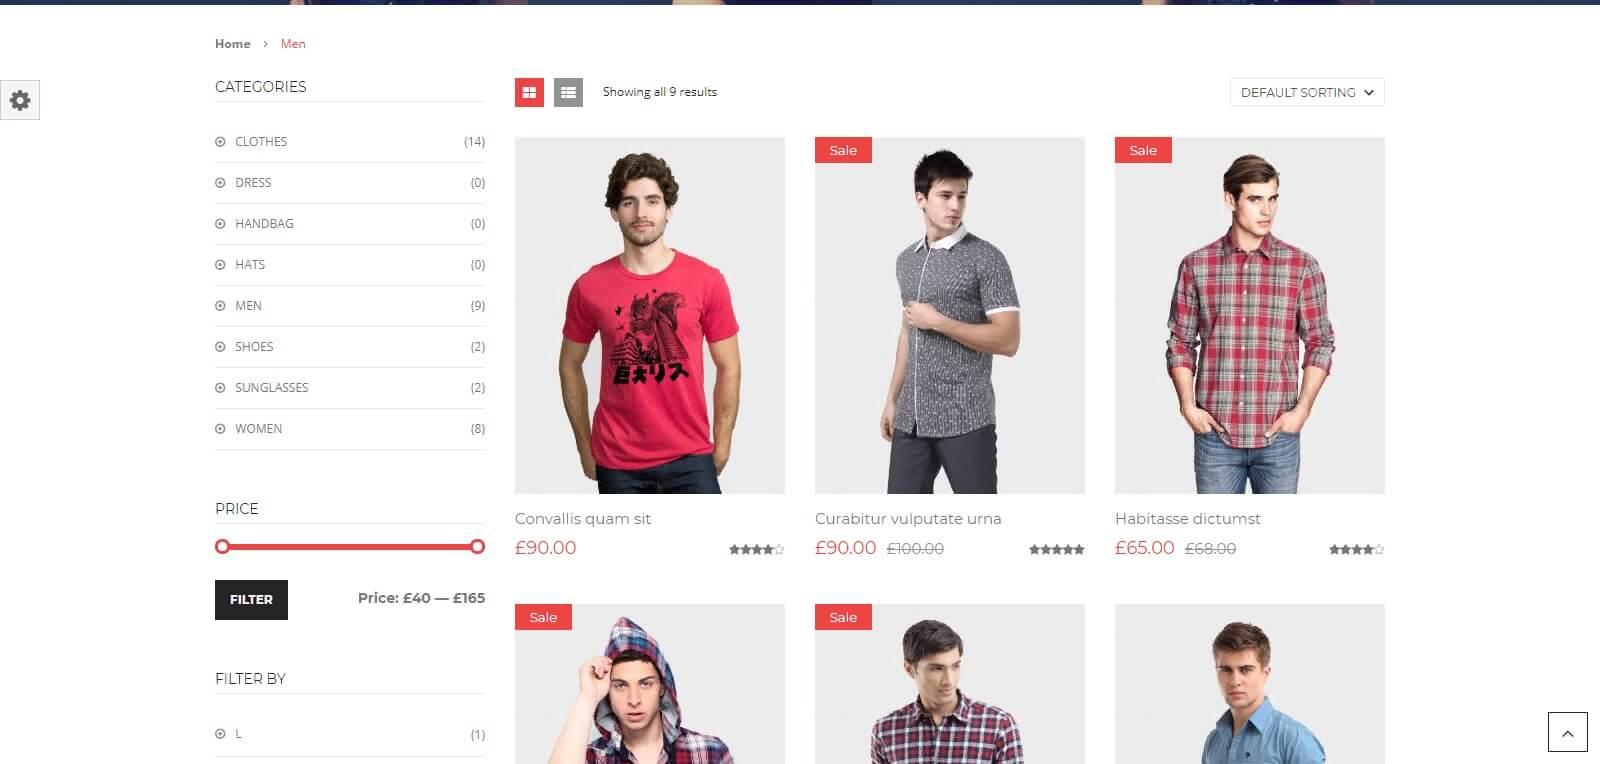 mẫu content bán quần áo